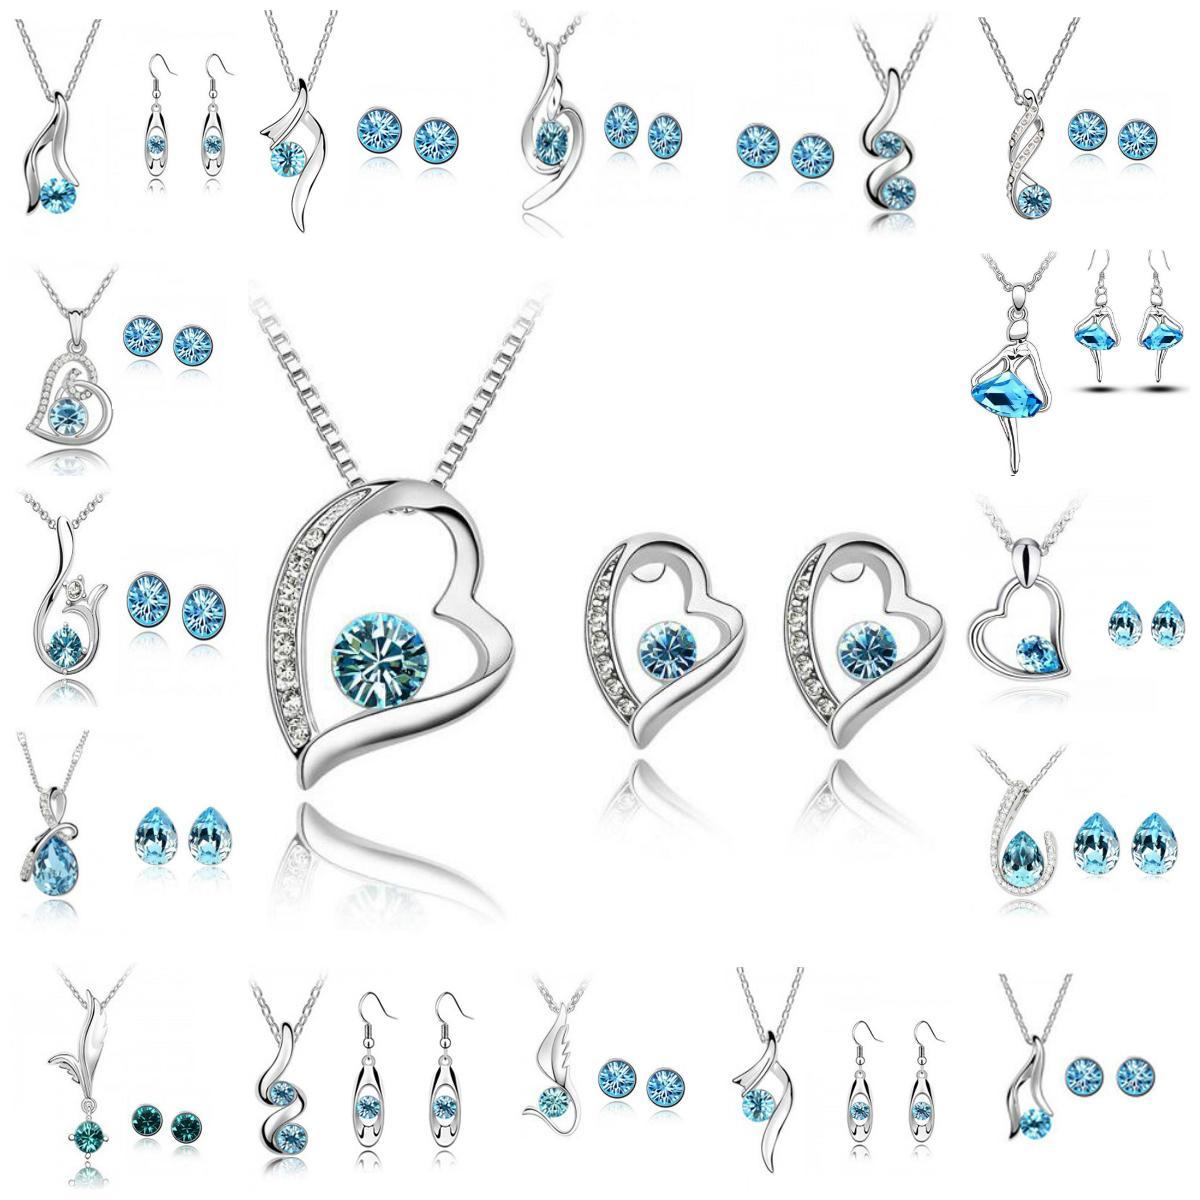 cc630af63df5 Conjunto de joyas de dama de honor Aretes de boda Joyas de cristal de  swarovski Collar largo Juego de regalo Conjunto de joyas de la joyería  india ...